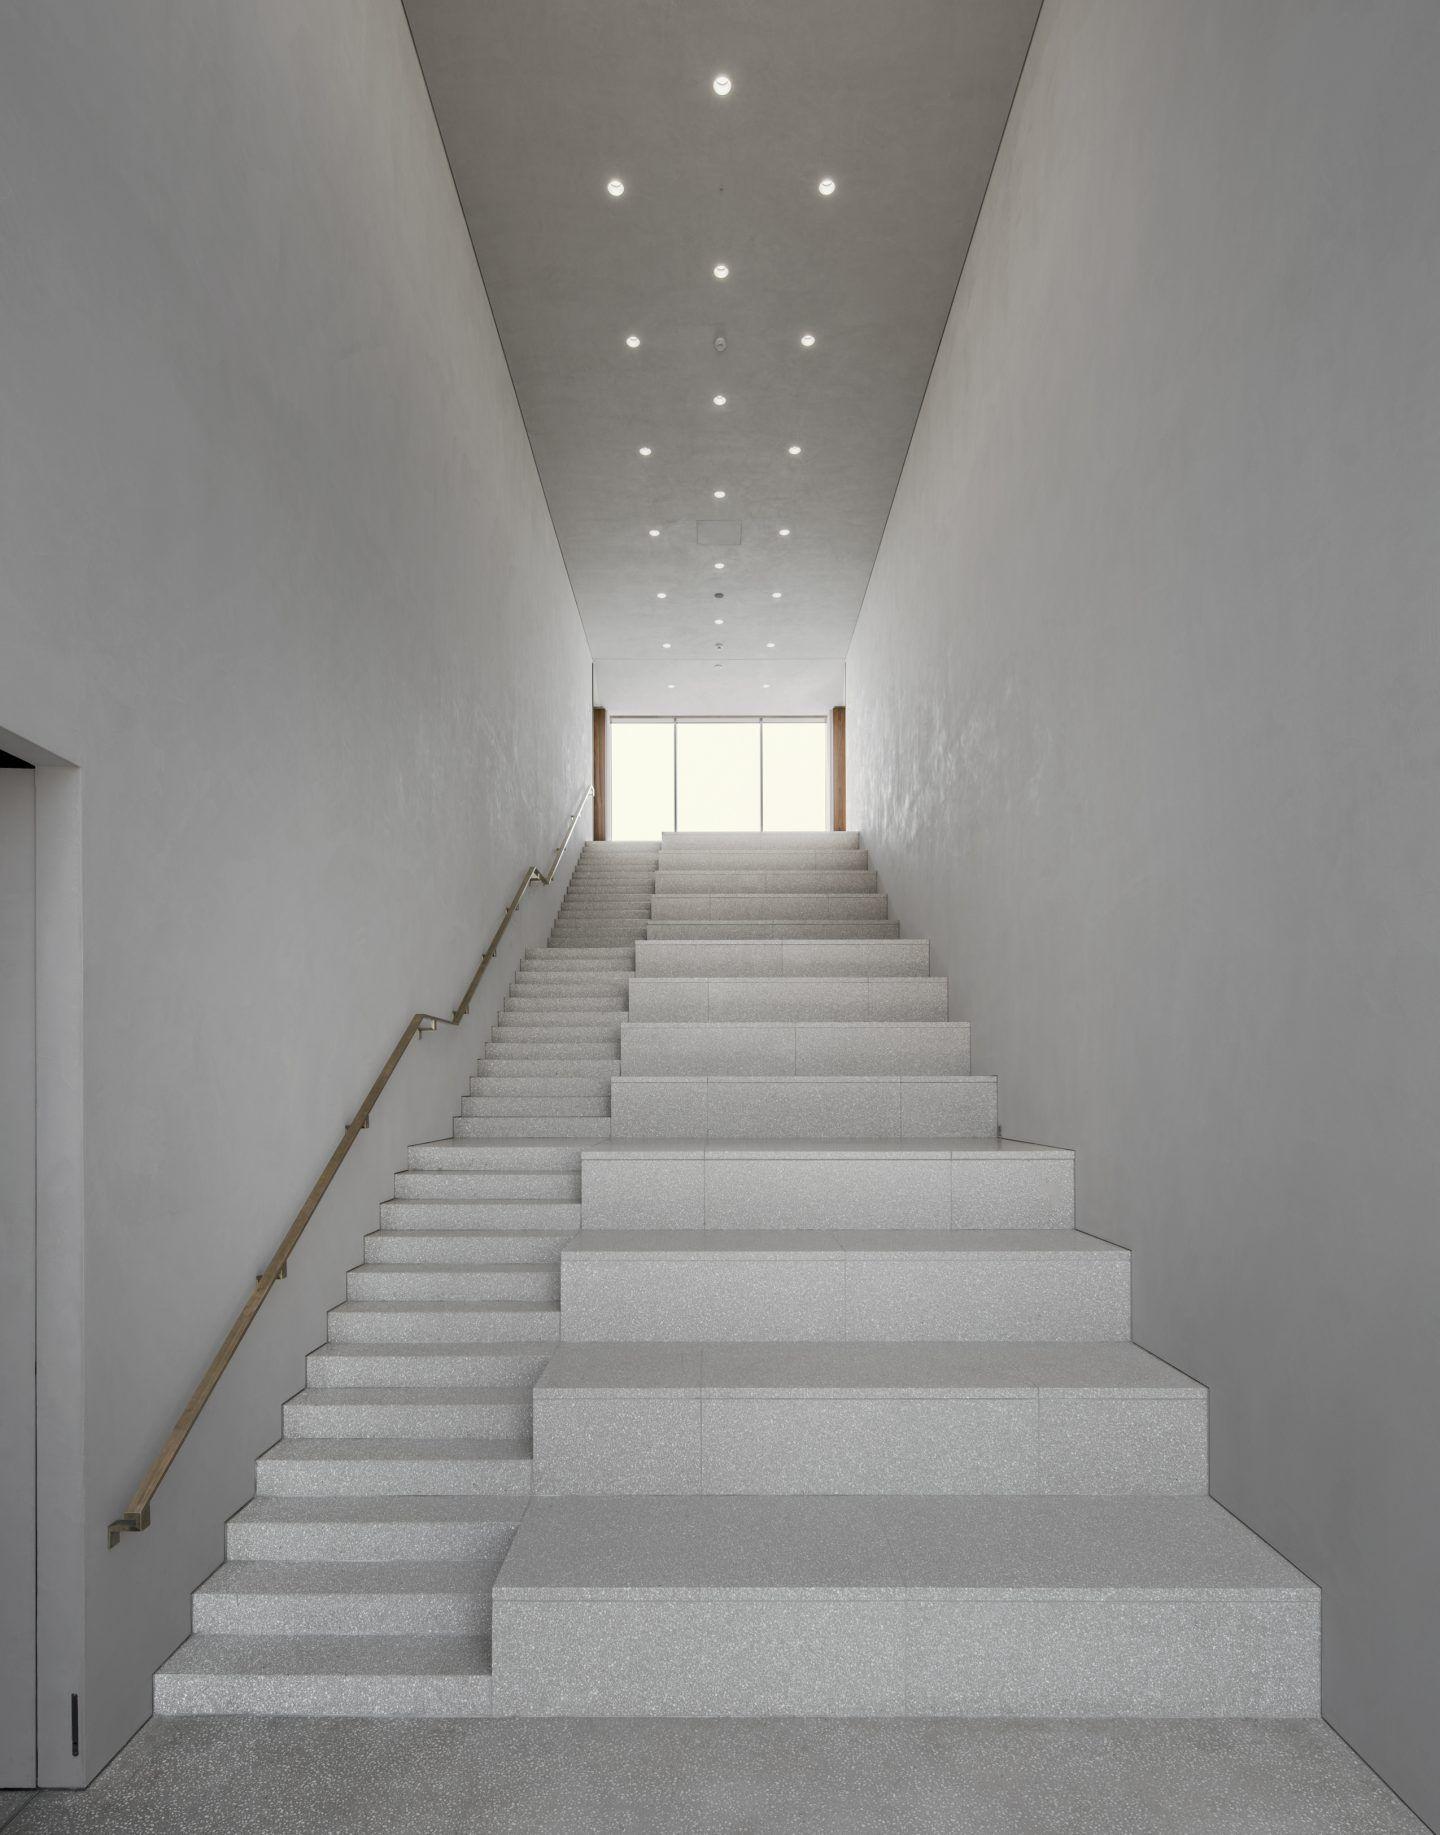 IGNANT-Architecture-Barozzi-Veiga-Museum-Lausanne-012